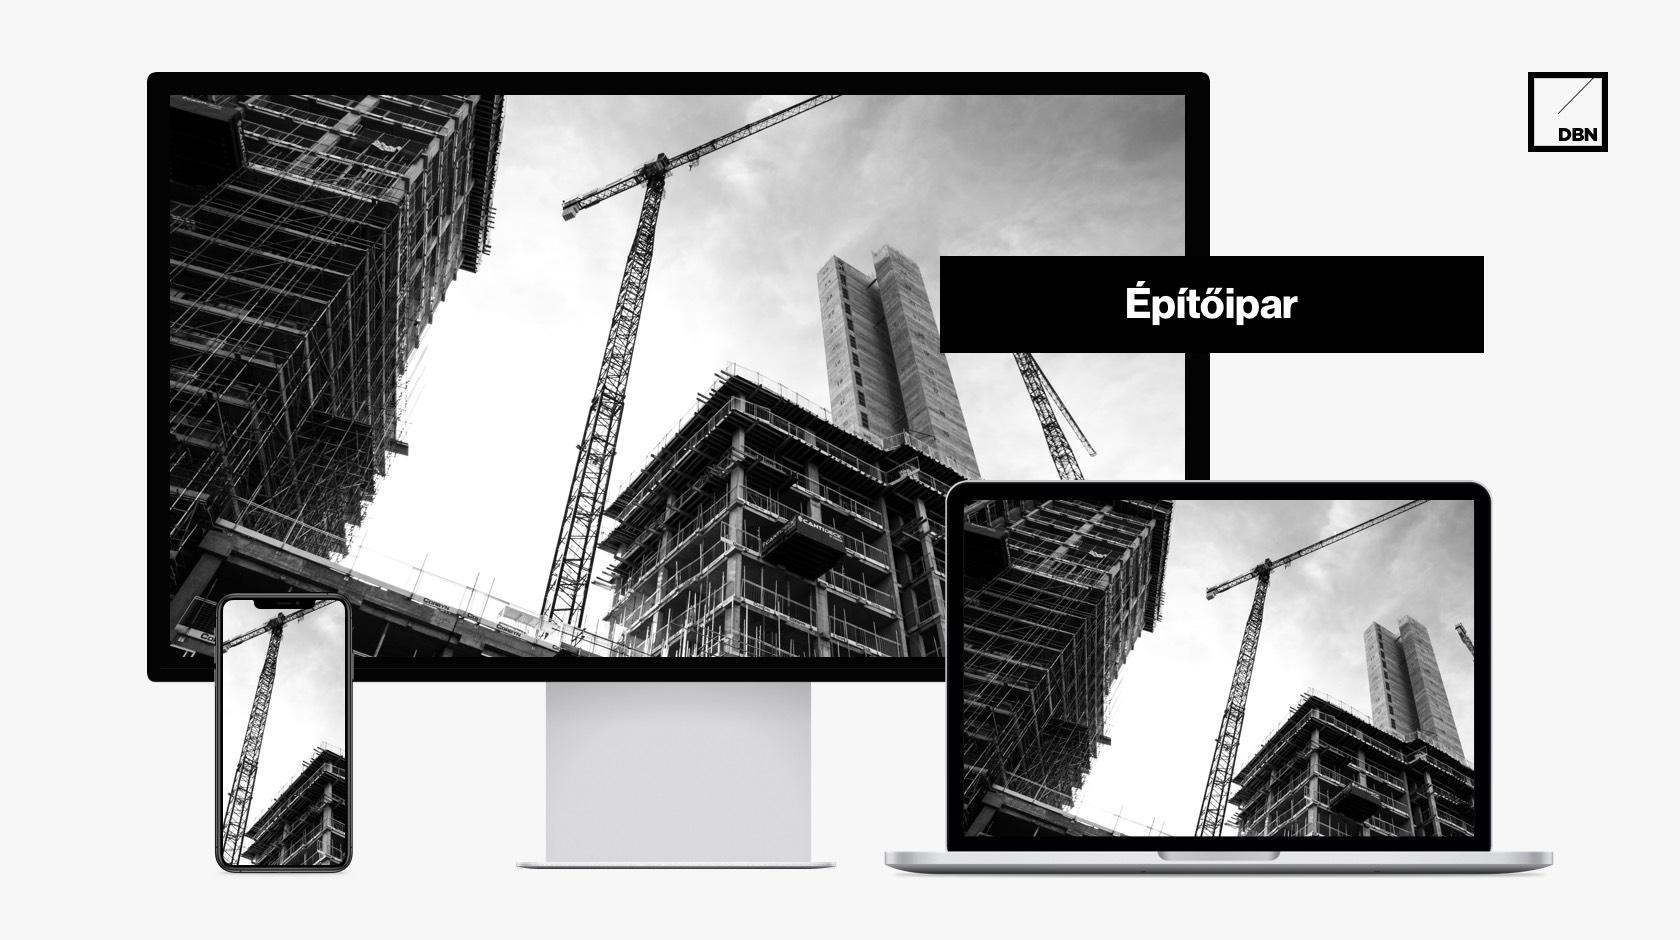 Építőipari weboldal készítés